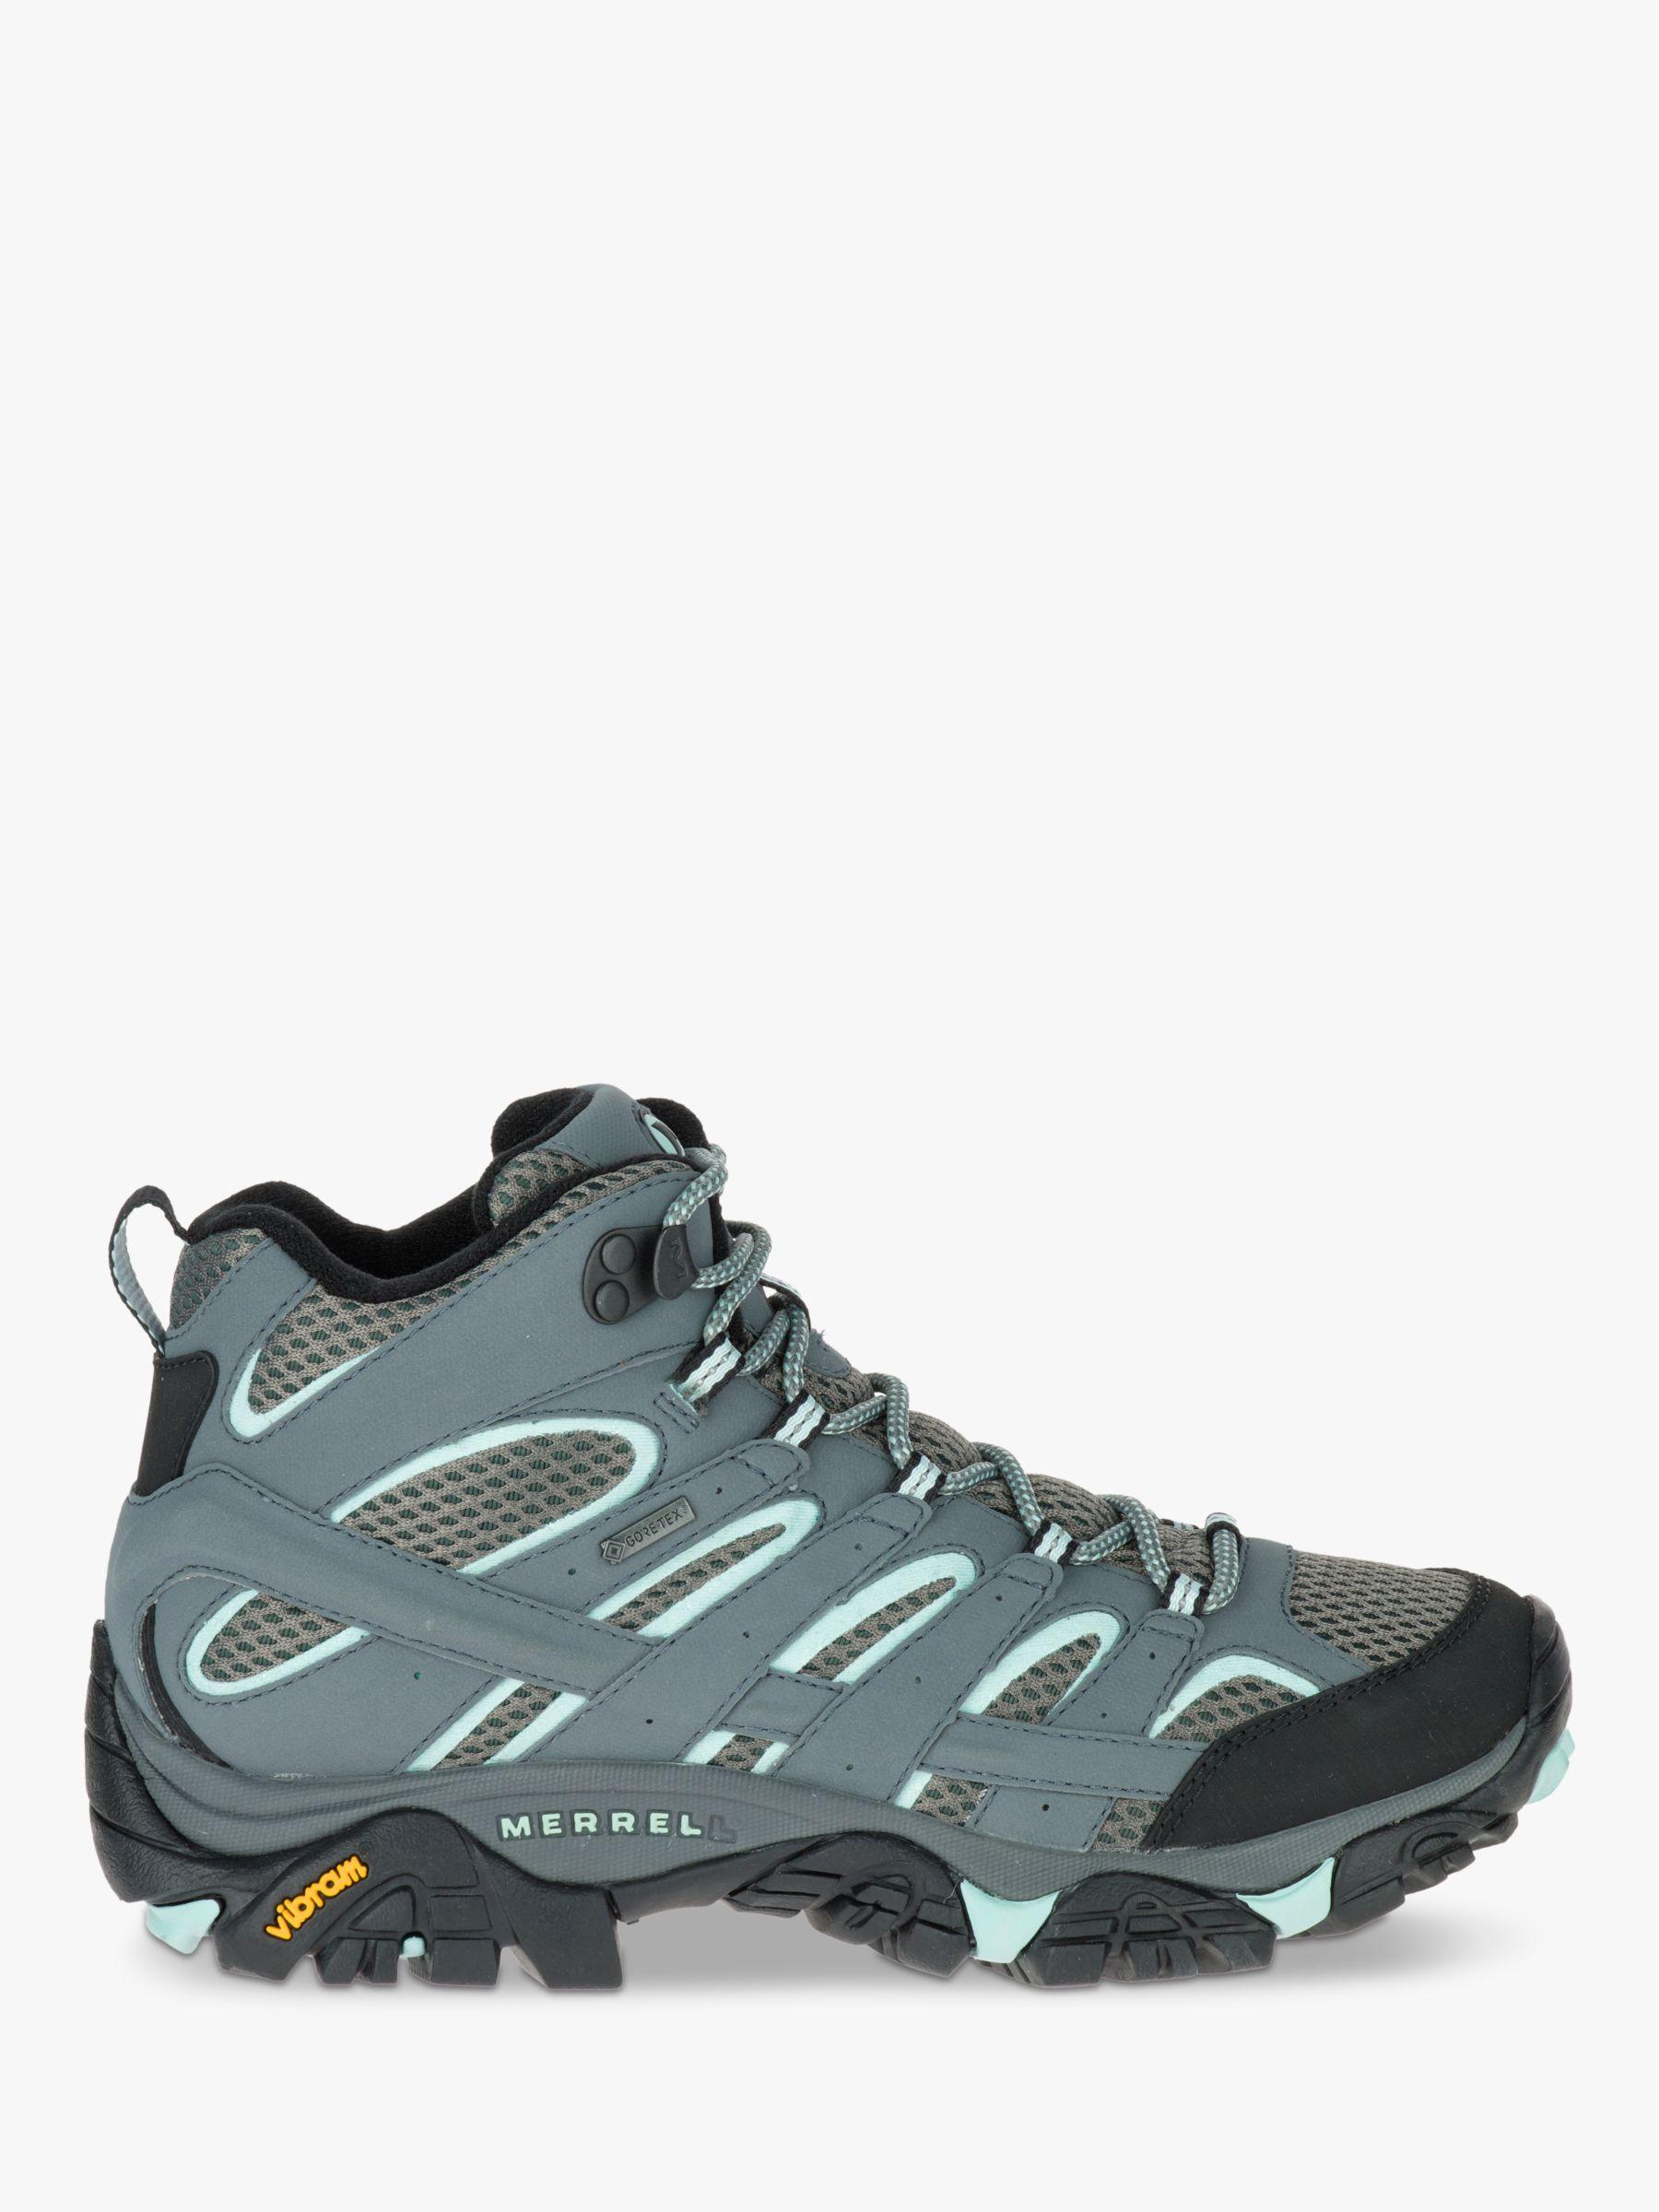 merrell shoes uk stockists youtube